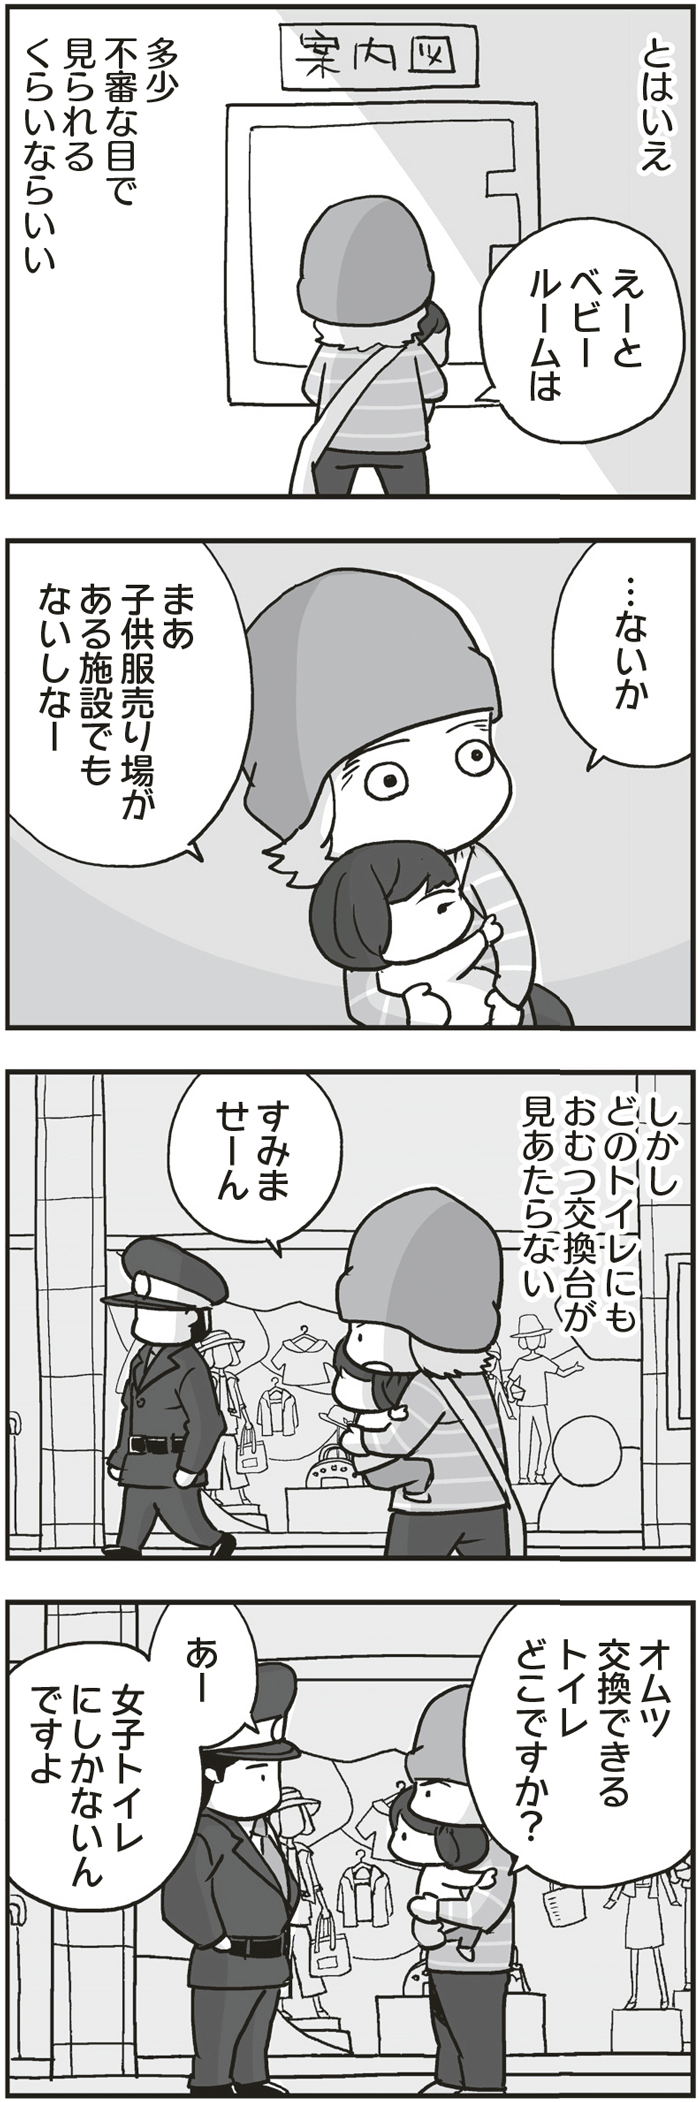 """""""イクメン""""と言われてモヤモヤ…パパが感じる「育児の壁」とは?の画像8"""